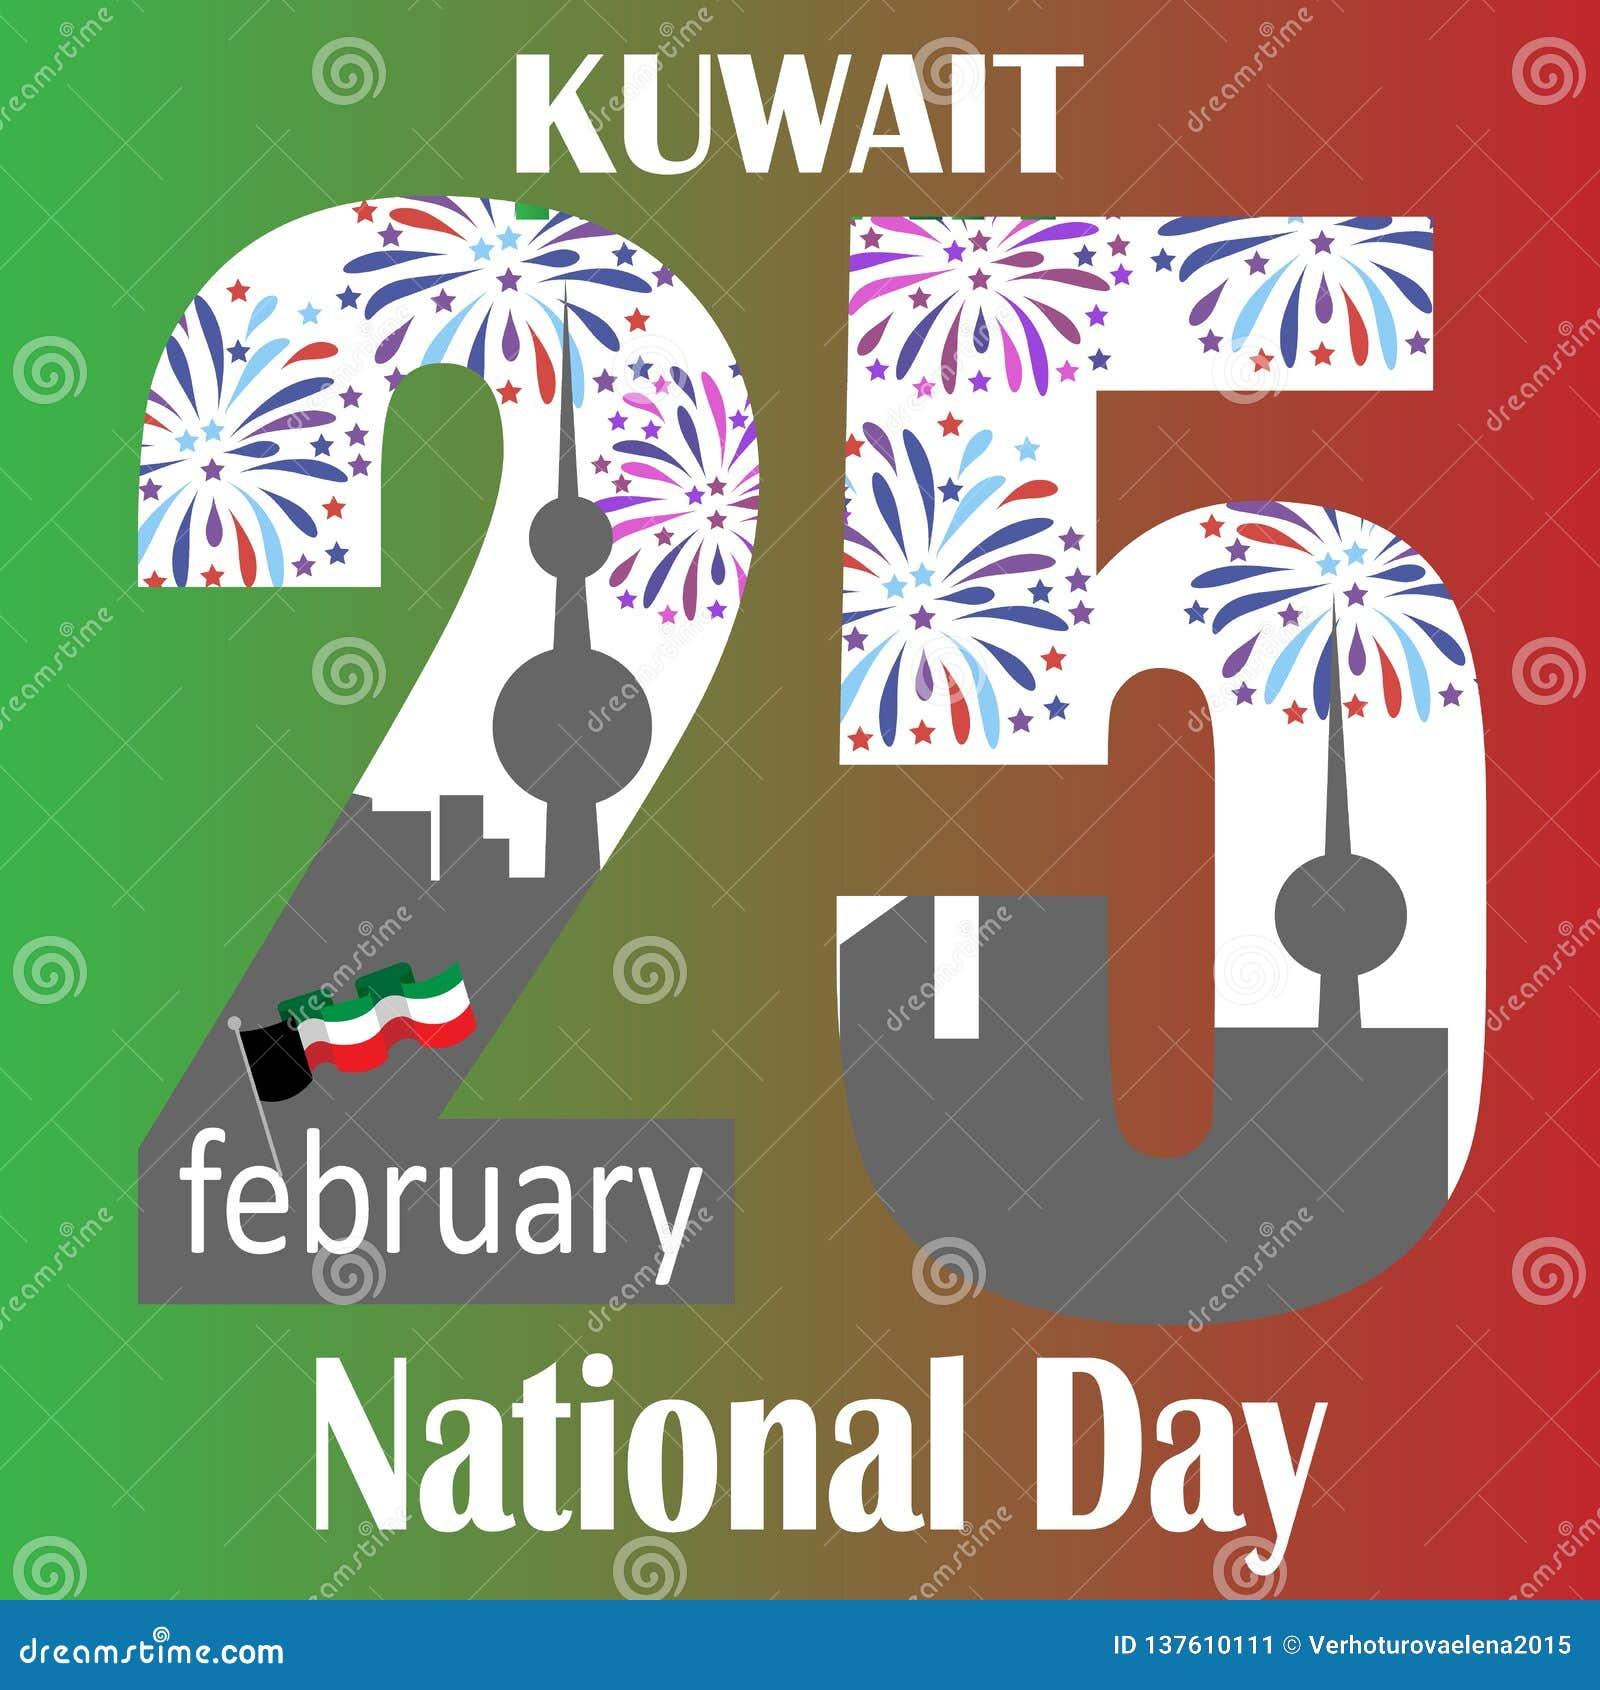 Święto Państwowe Kuwejt, wektorowy ilustracyjny świętowanie 25-26 Luty święto państwowe Kuwejt, świąteczna ikona